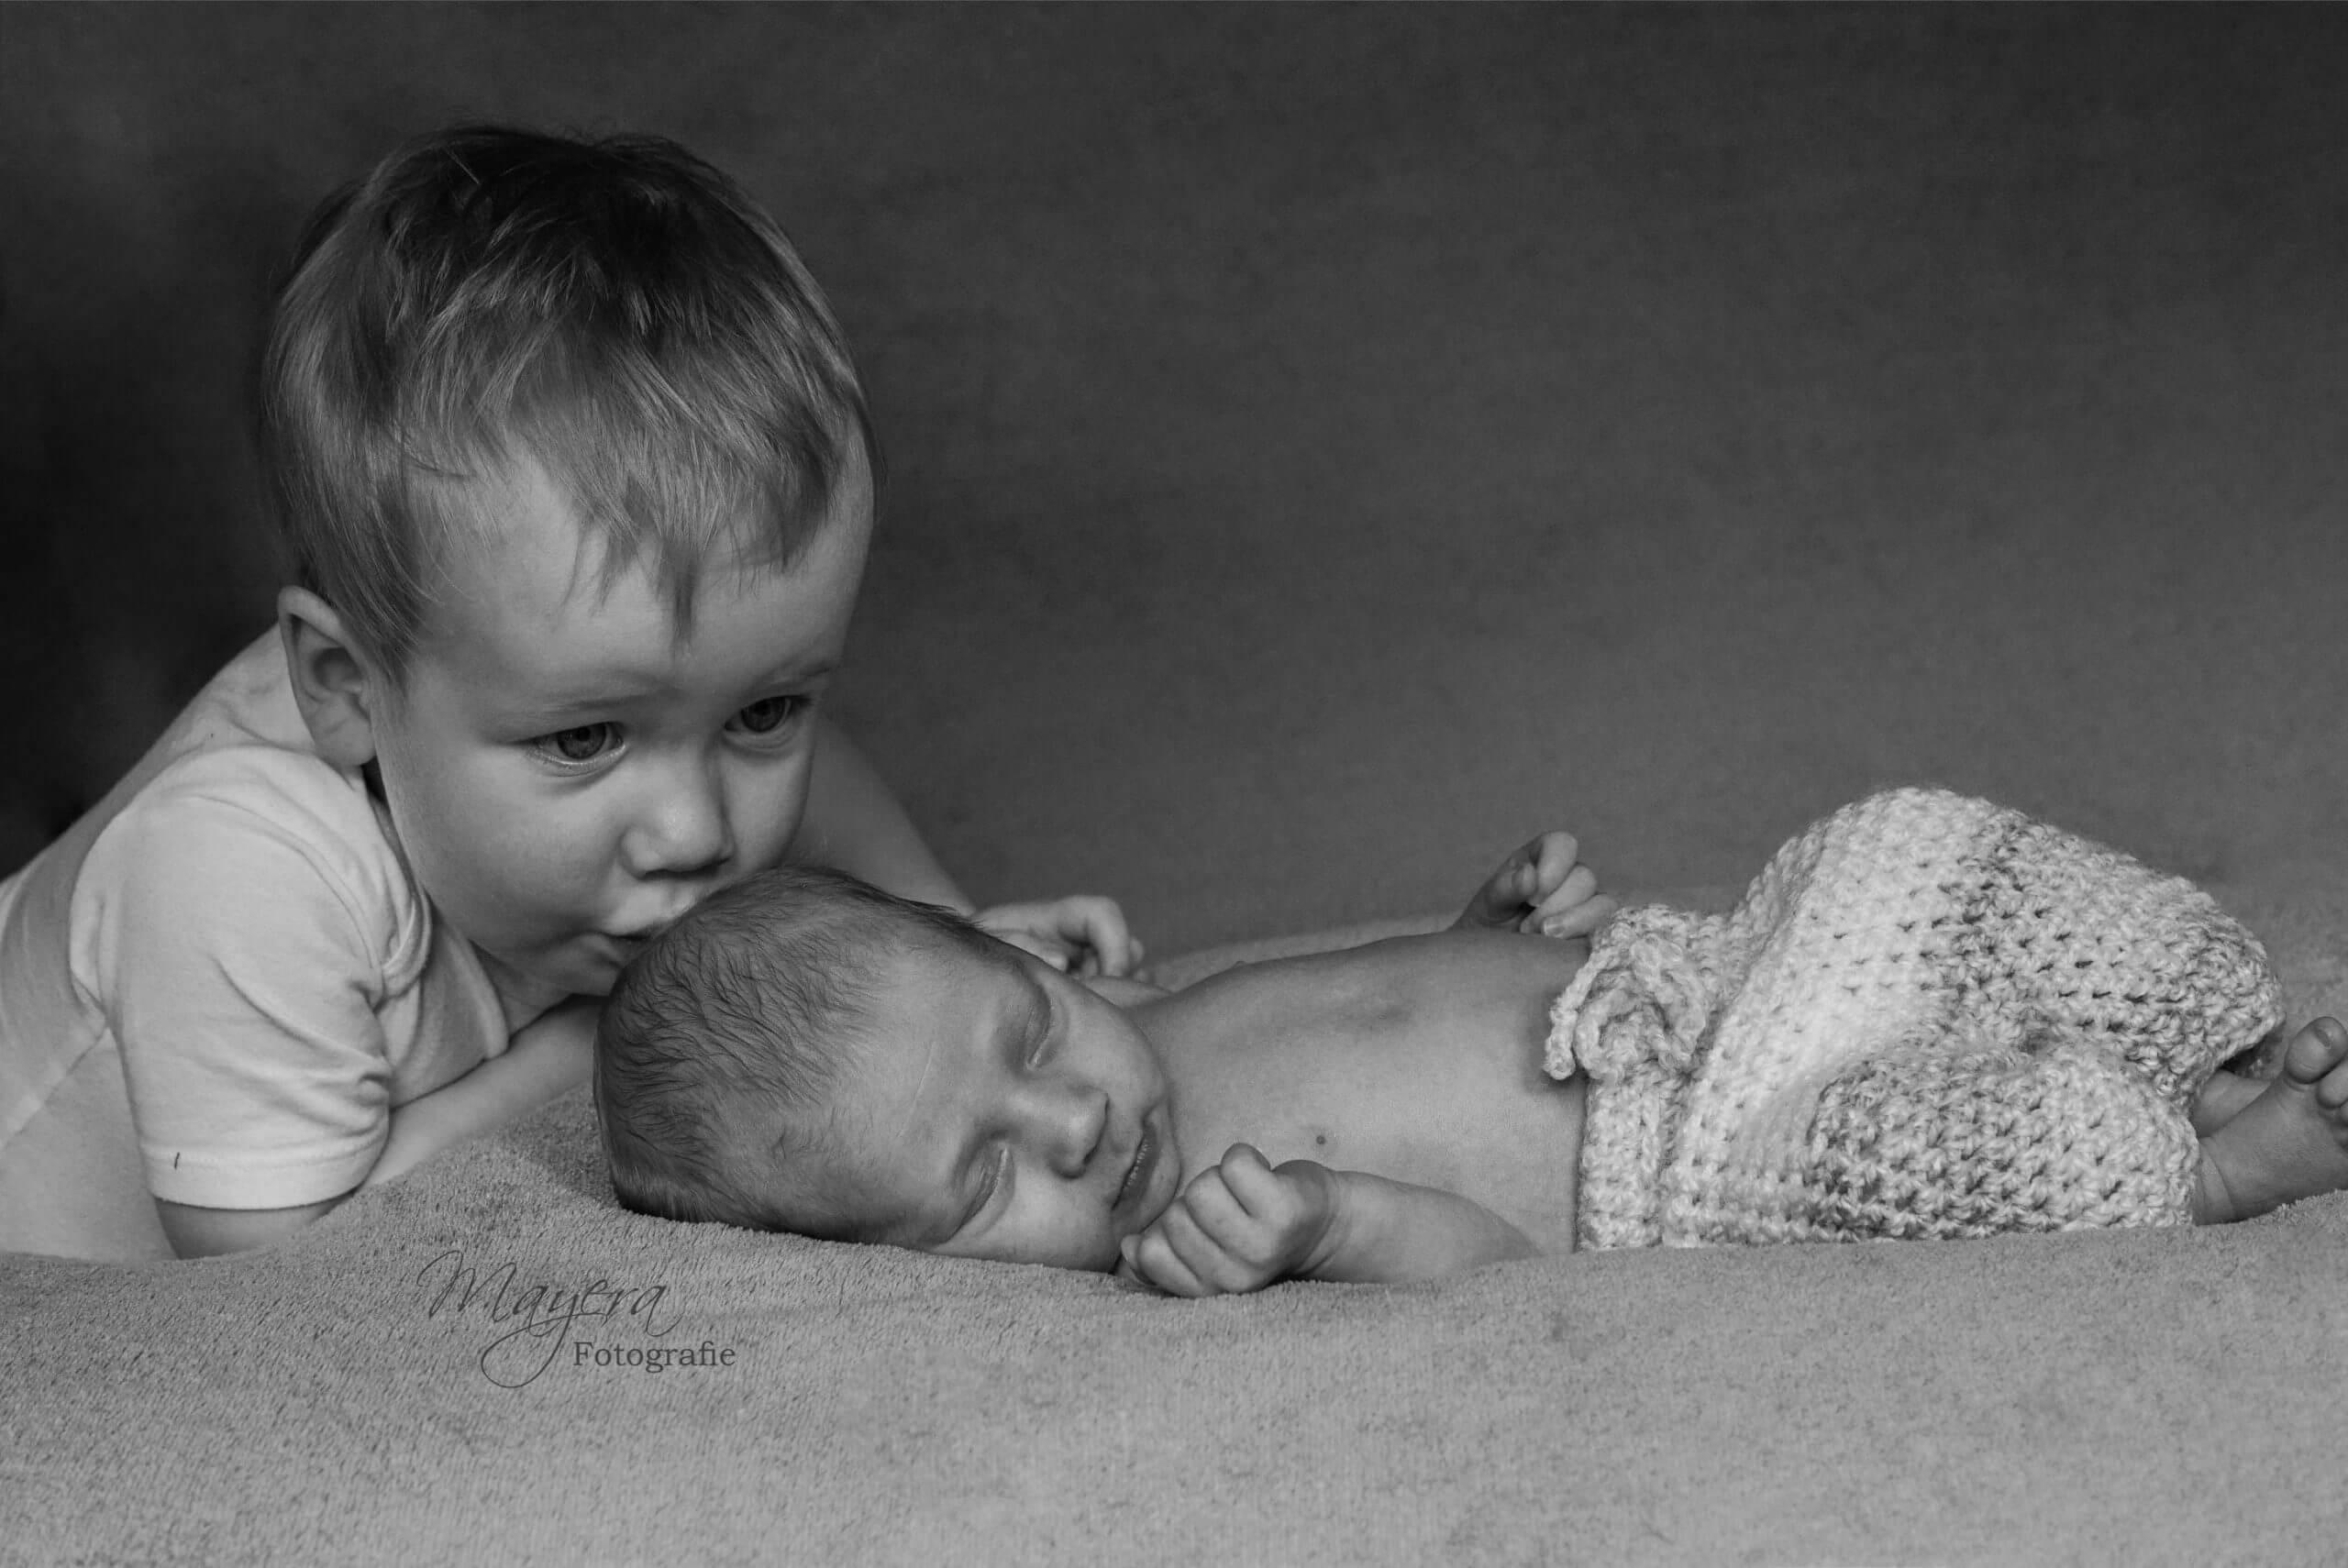 kus van grote broer